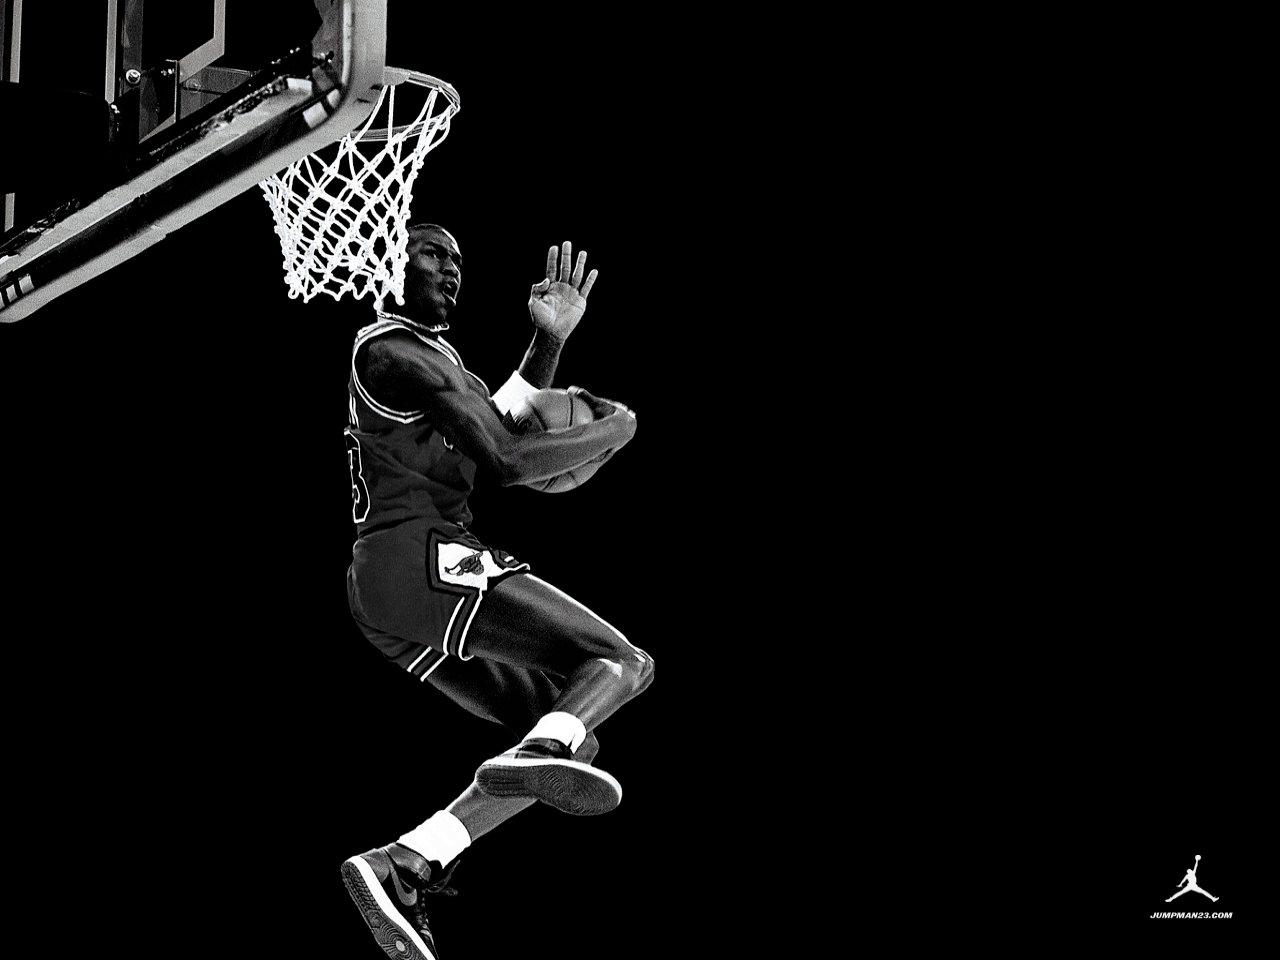 Michael Jordan Wallpaper 036png 1280x960